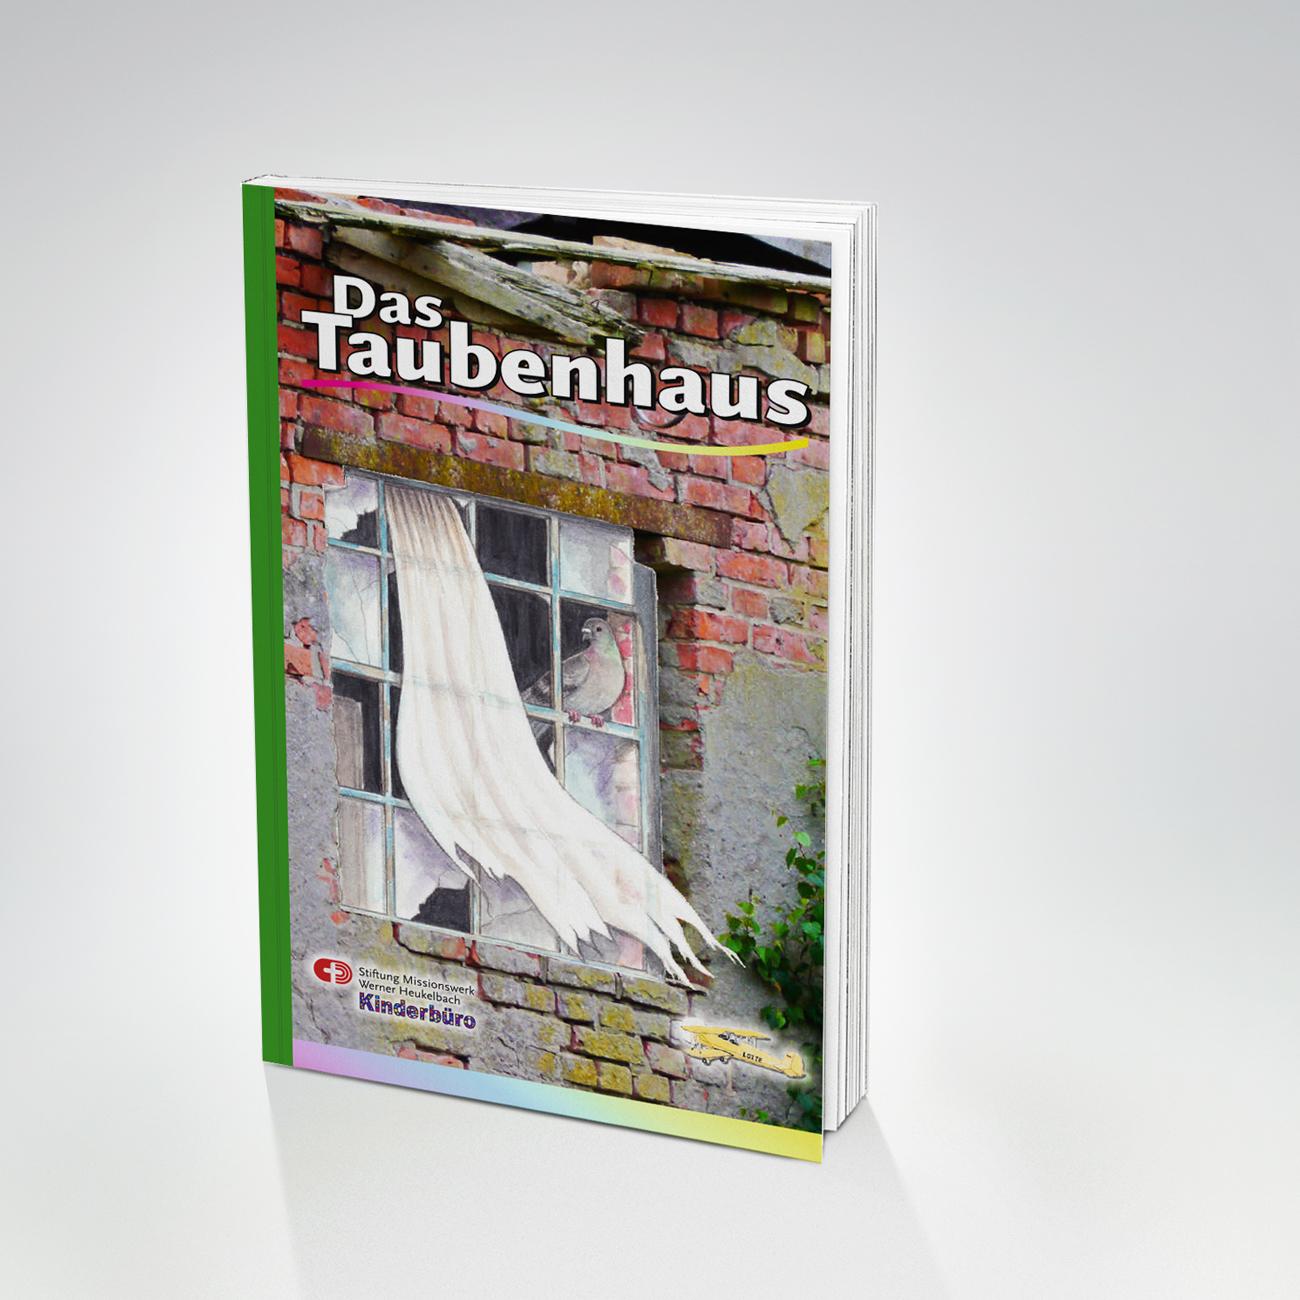 Das Taubenhaus ist ein Buch für Kinder